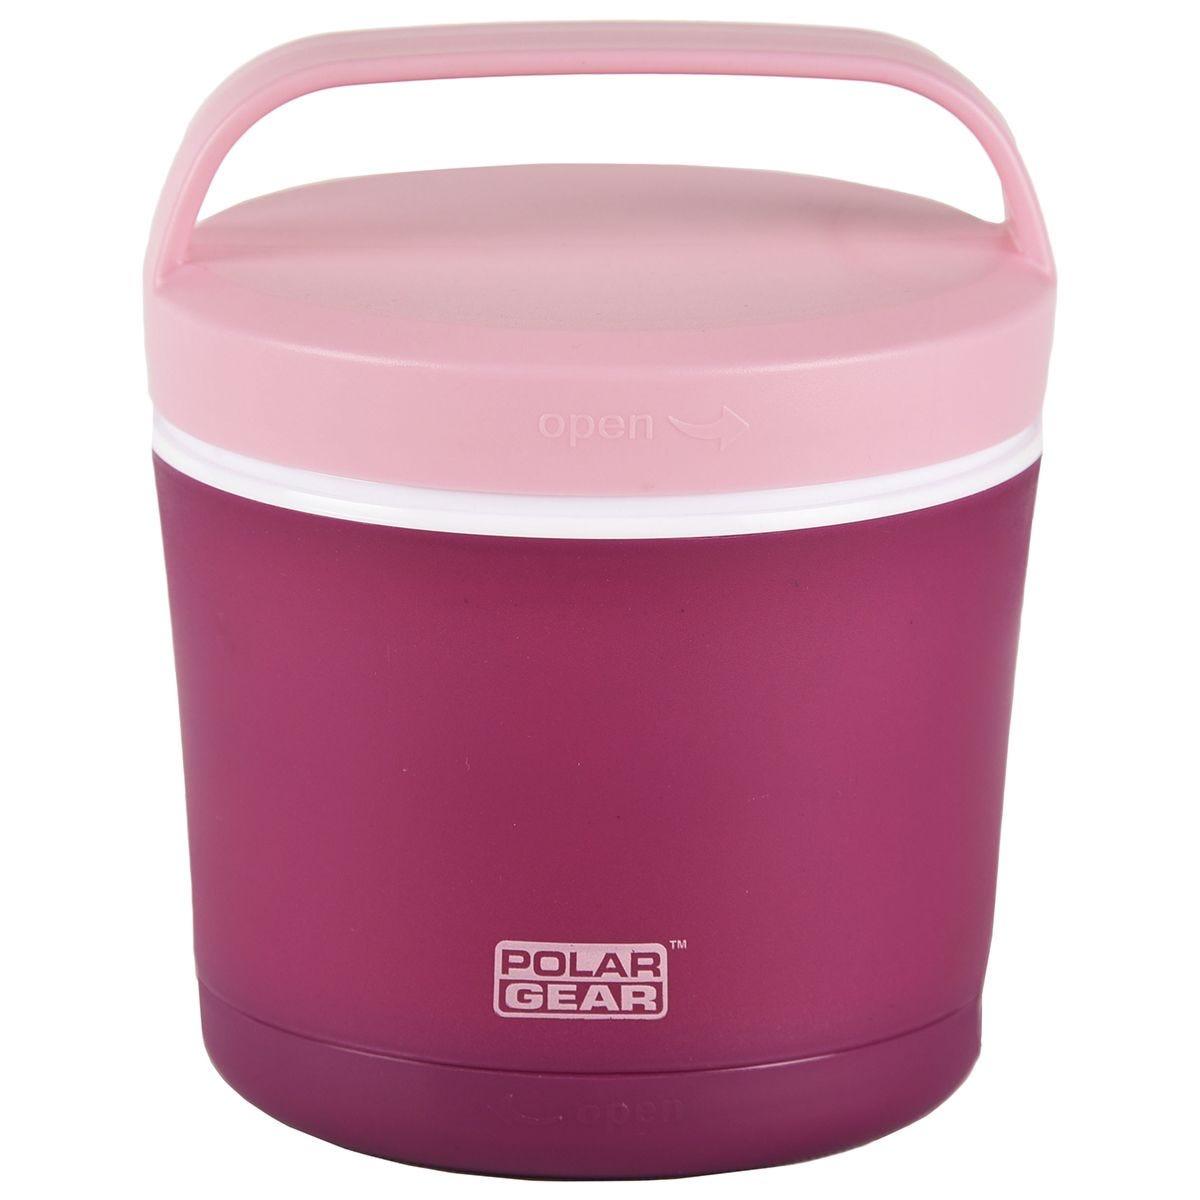 Polar Gear Lunch Pot Berry 500ml